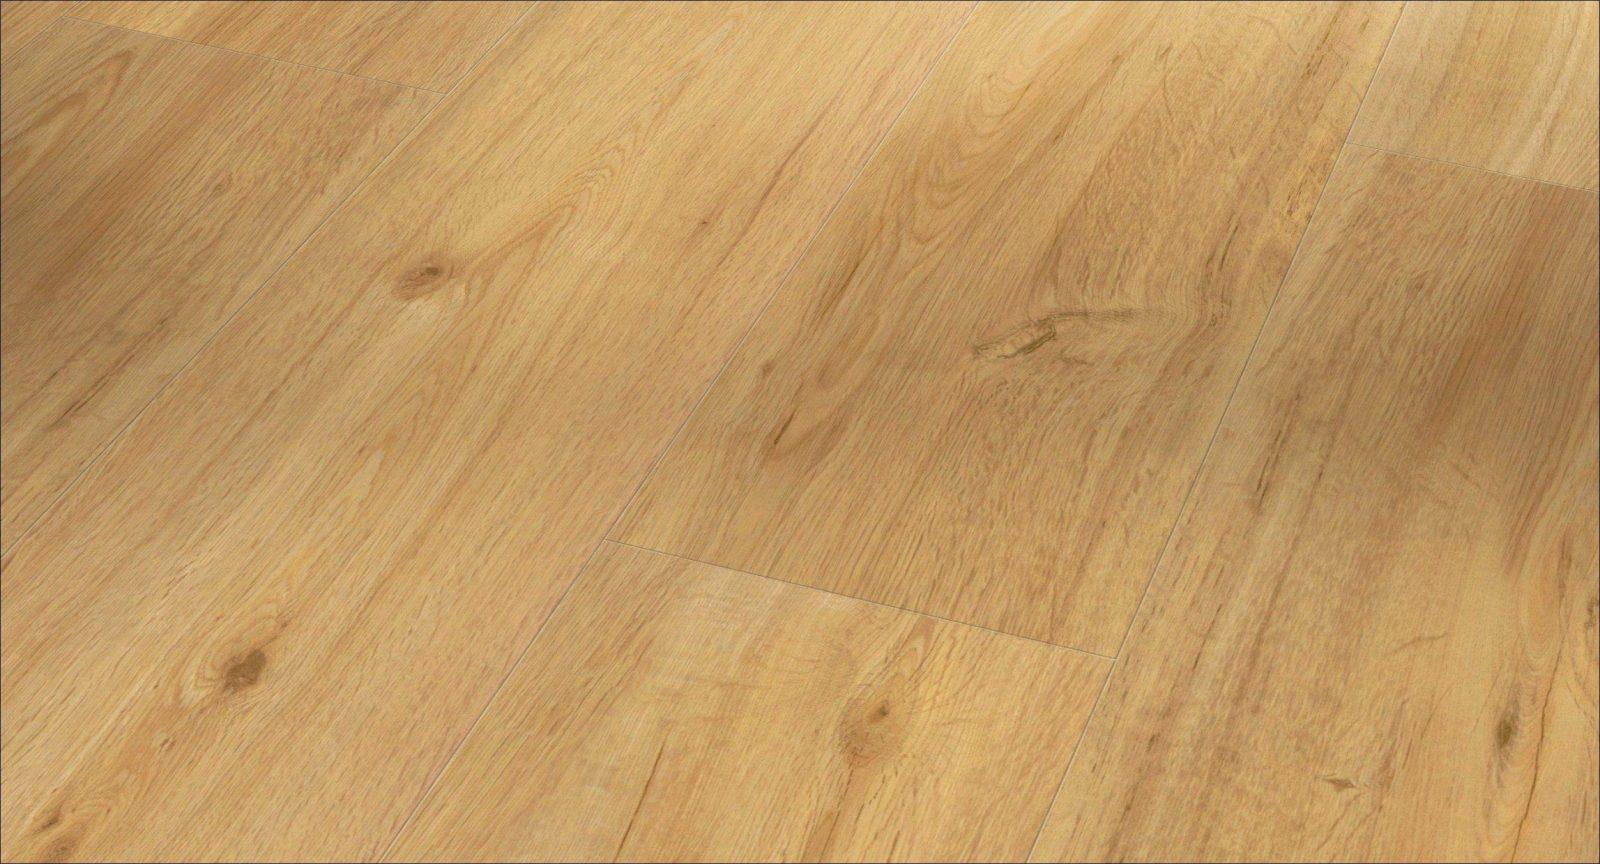 Fussbodenheizung Vinyl Bodenbelag Wohnzimmer Fuabodenheizung Von